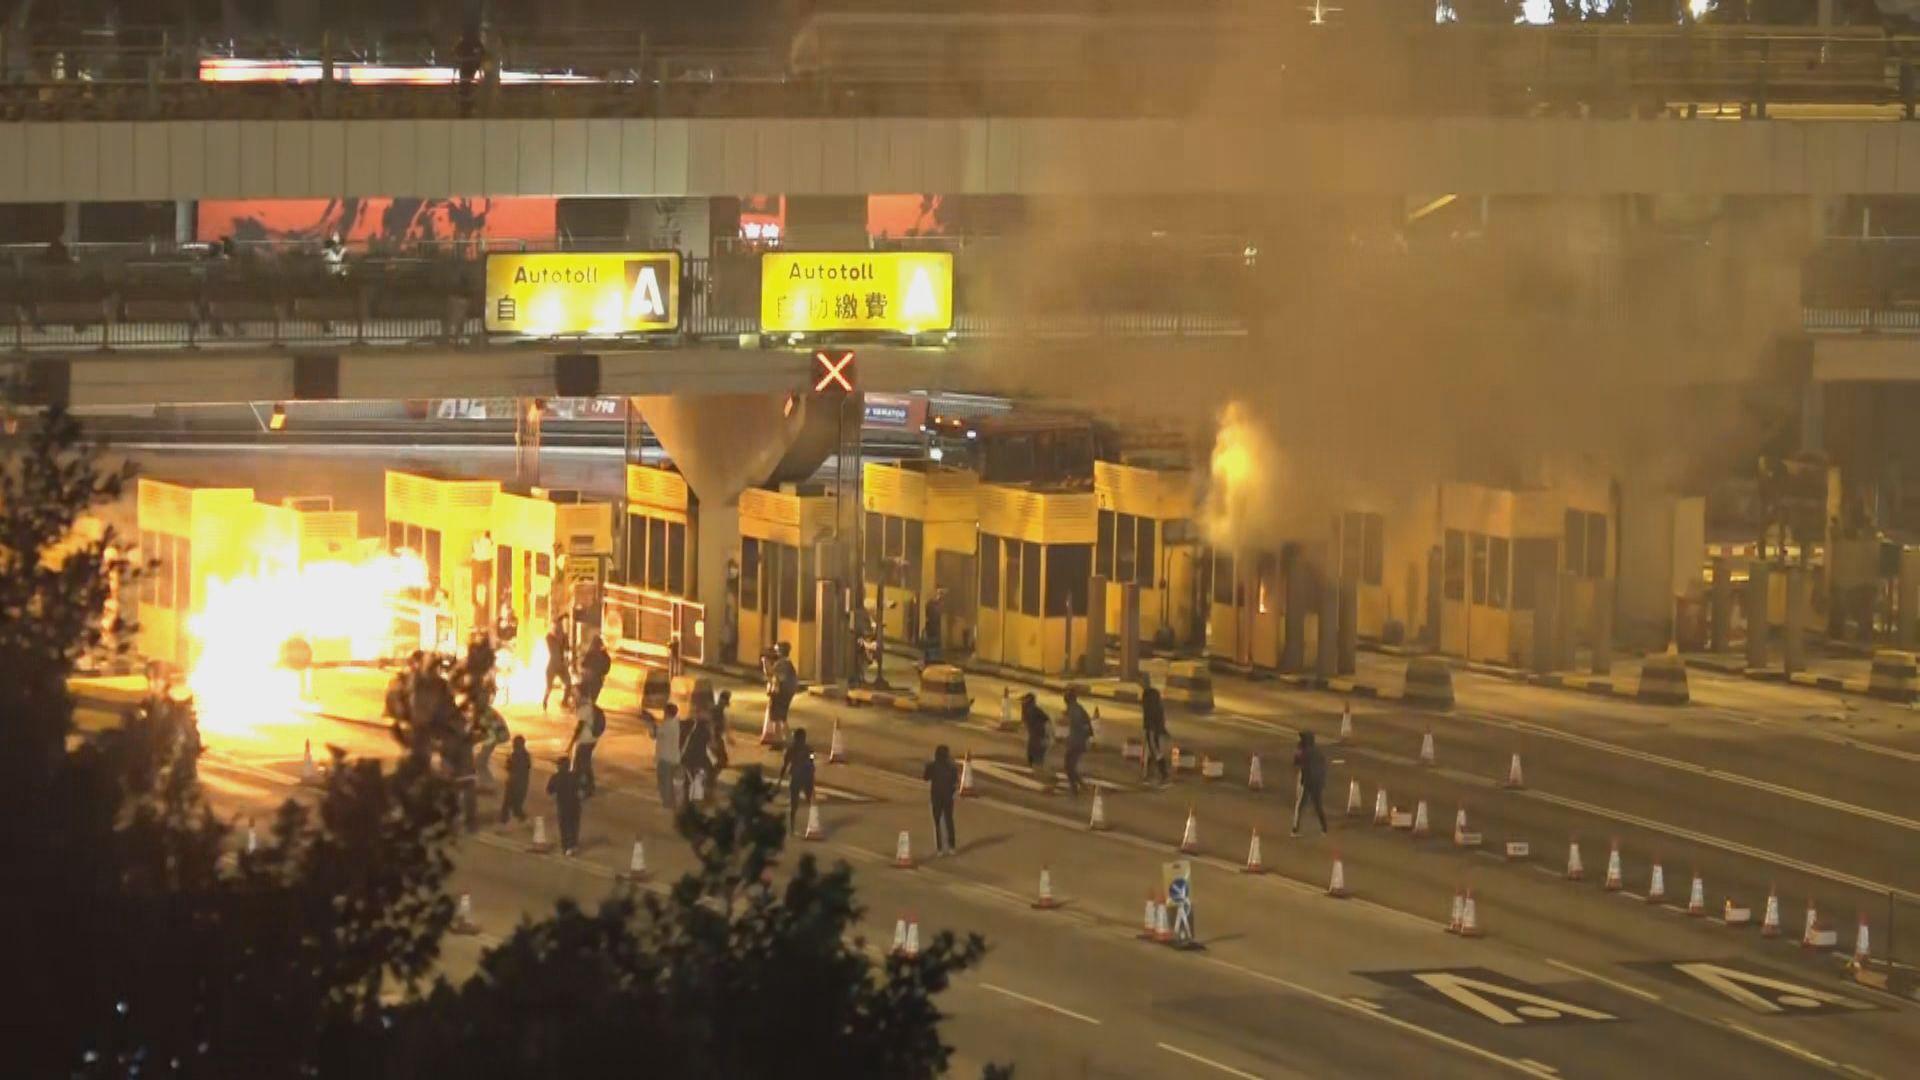 旺角、荃灣有人堵路 防暴警施放催淚彈